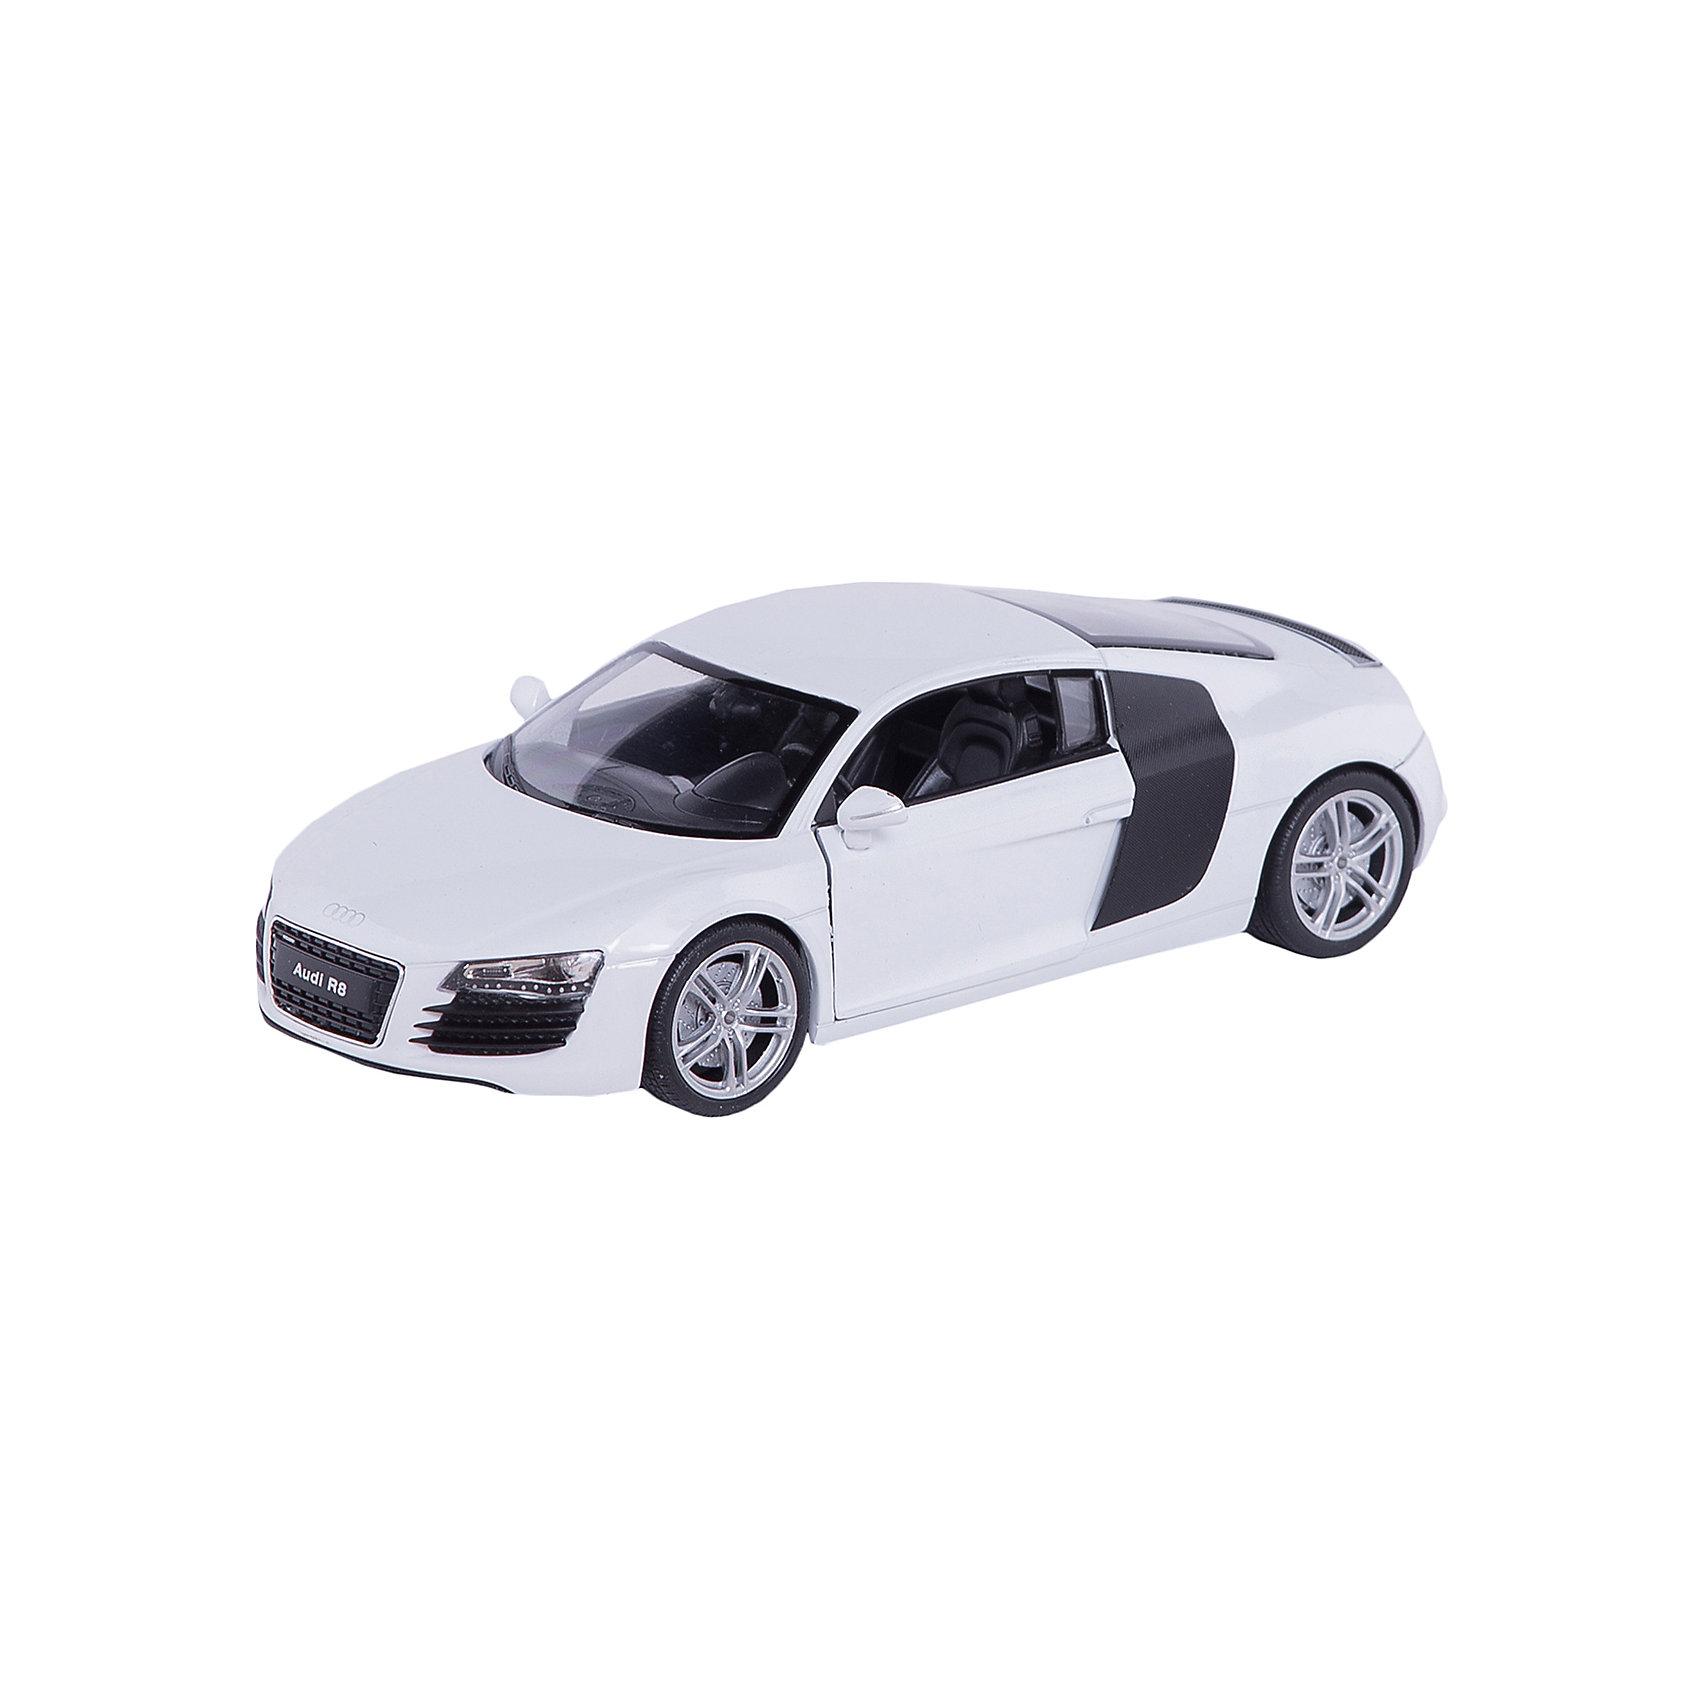 Welly Модель машины 1:24 Audi R8, Welly welly 24065 велли модель машины 1 24 audi r8 v10